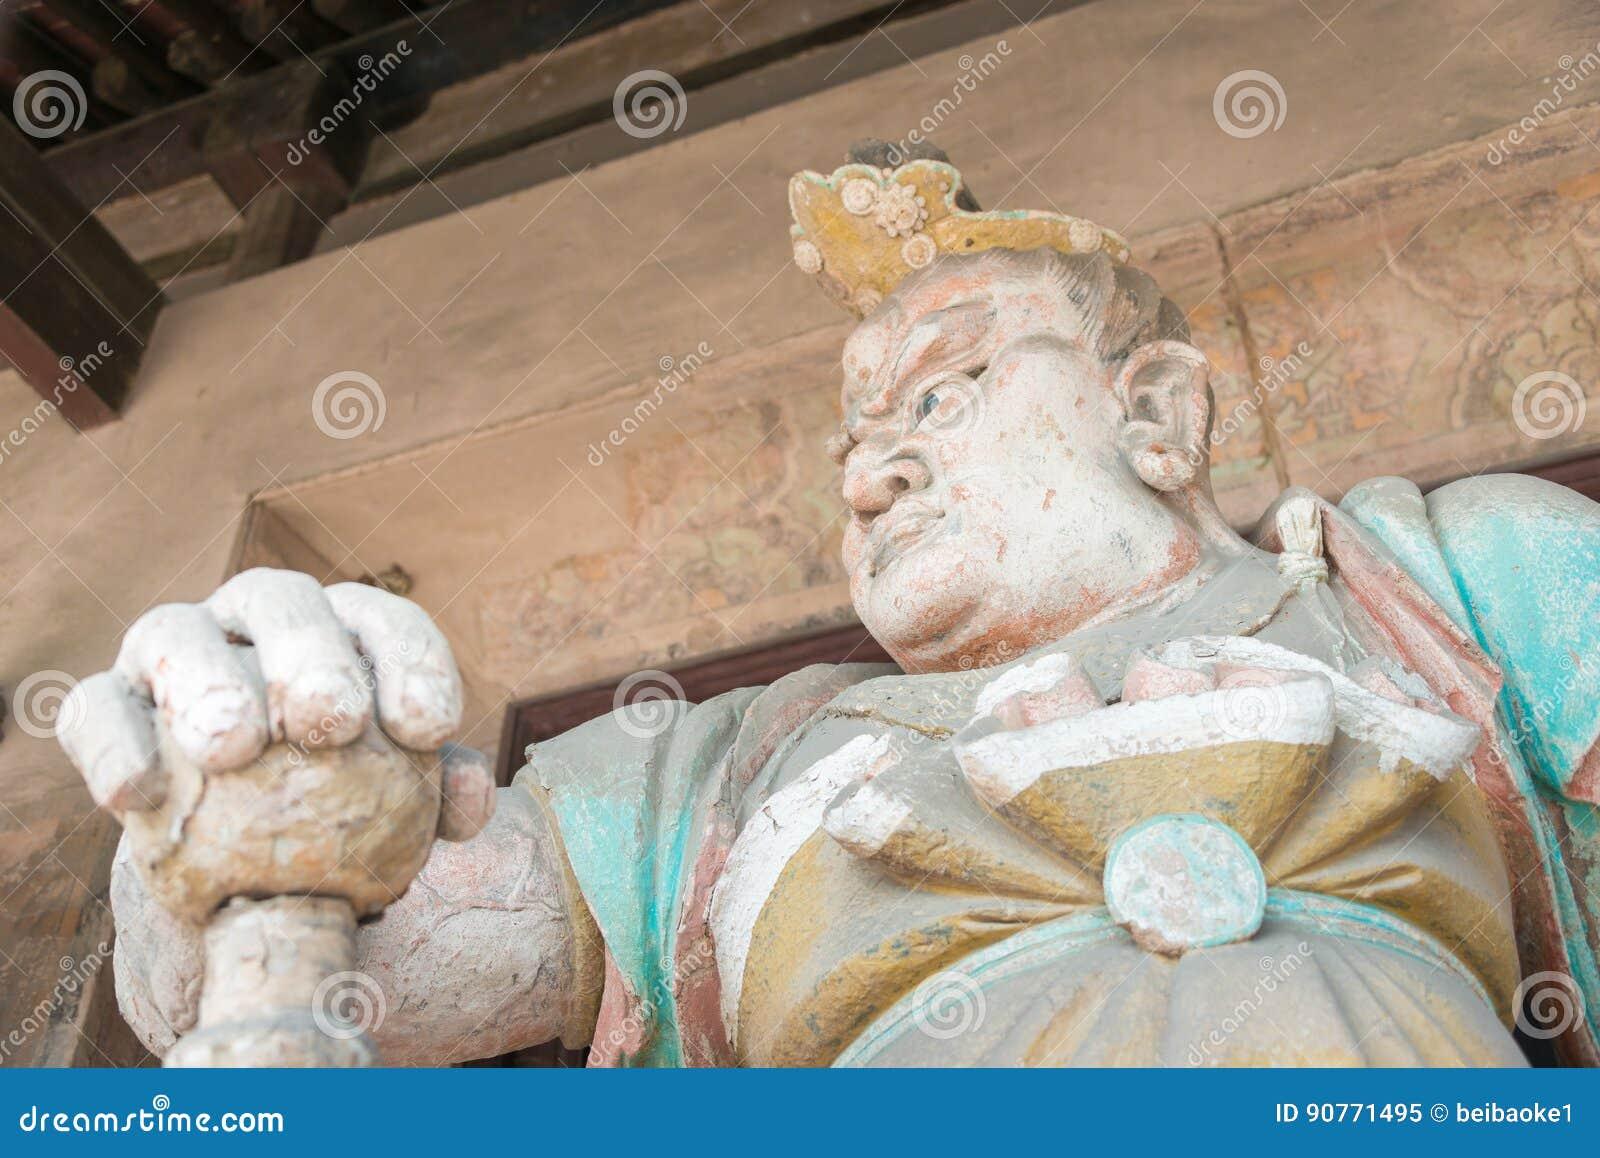 SHANXI, CHINE - septembre 03 2015 : Statue de Budda au temple de Shuanglin (U